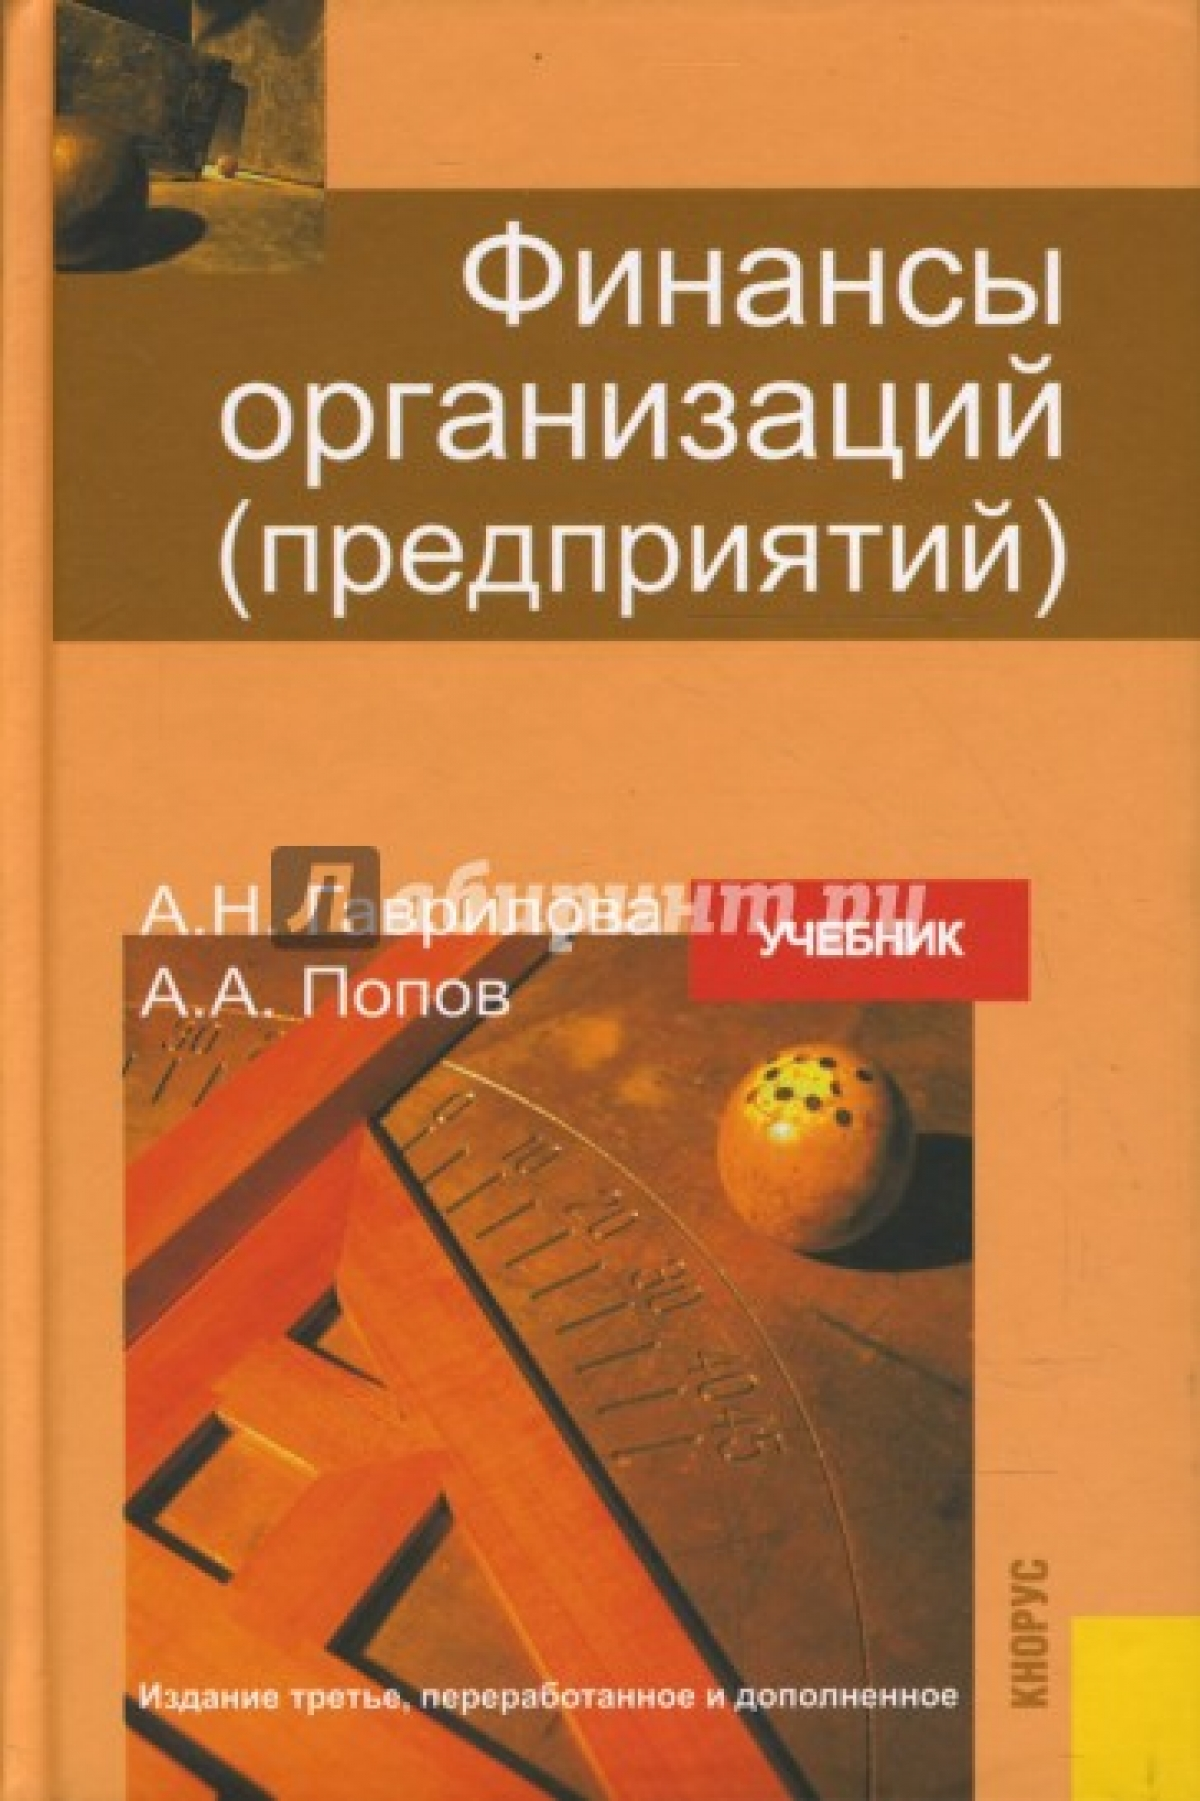 Обложка книги:  гаврилова а.н., попов а.а. - финансы организаций (предприятий)